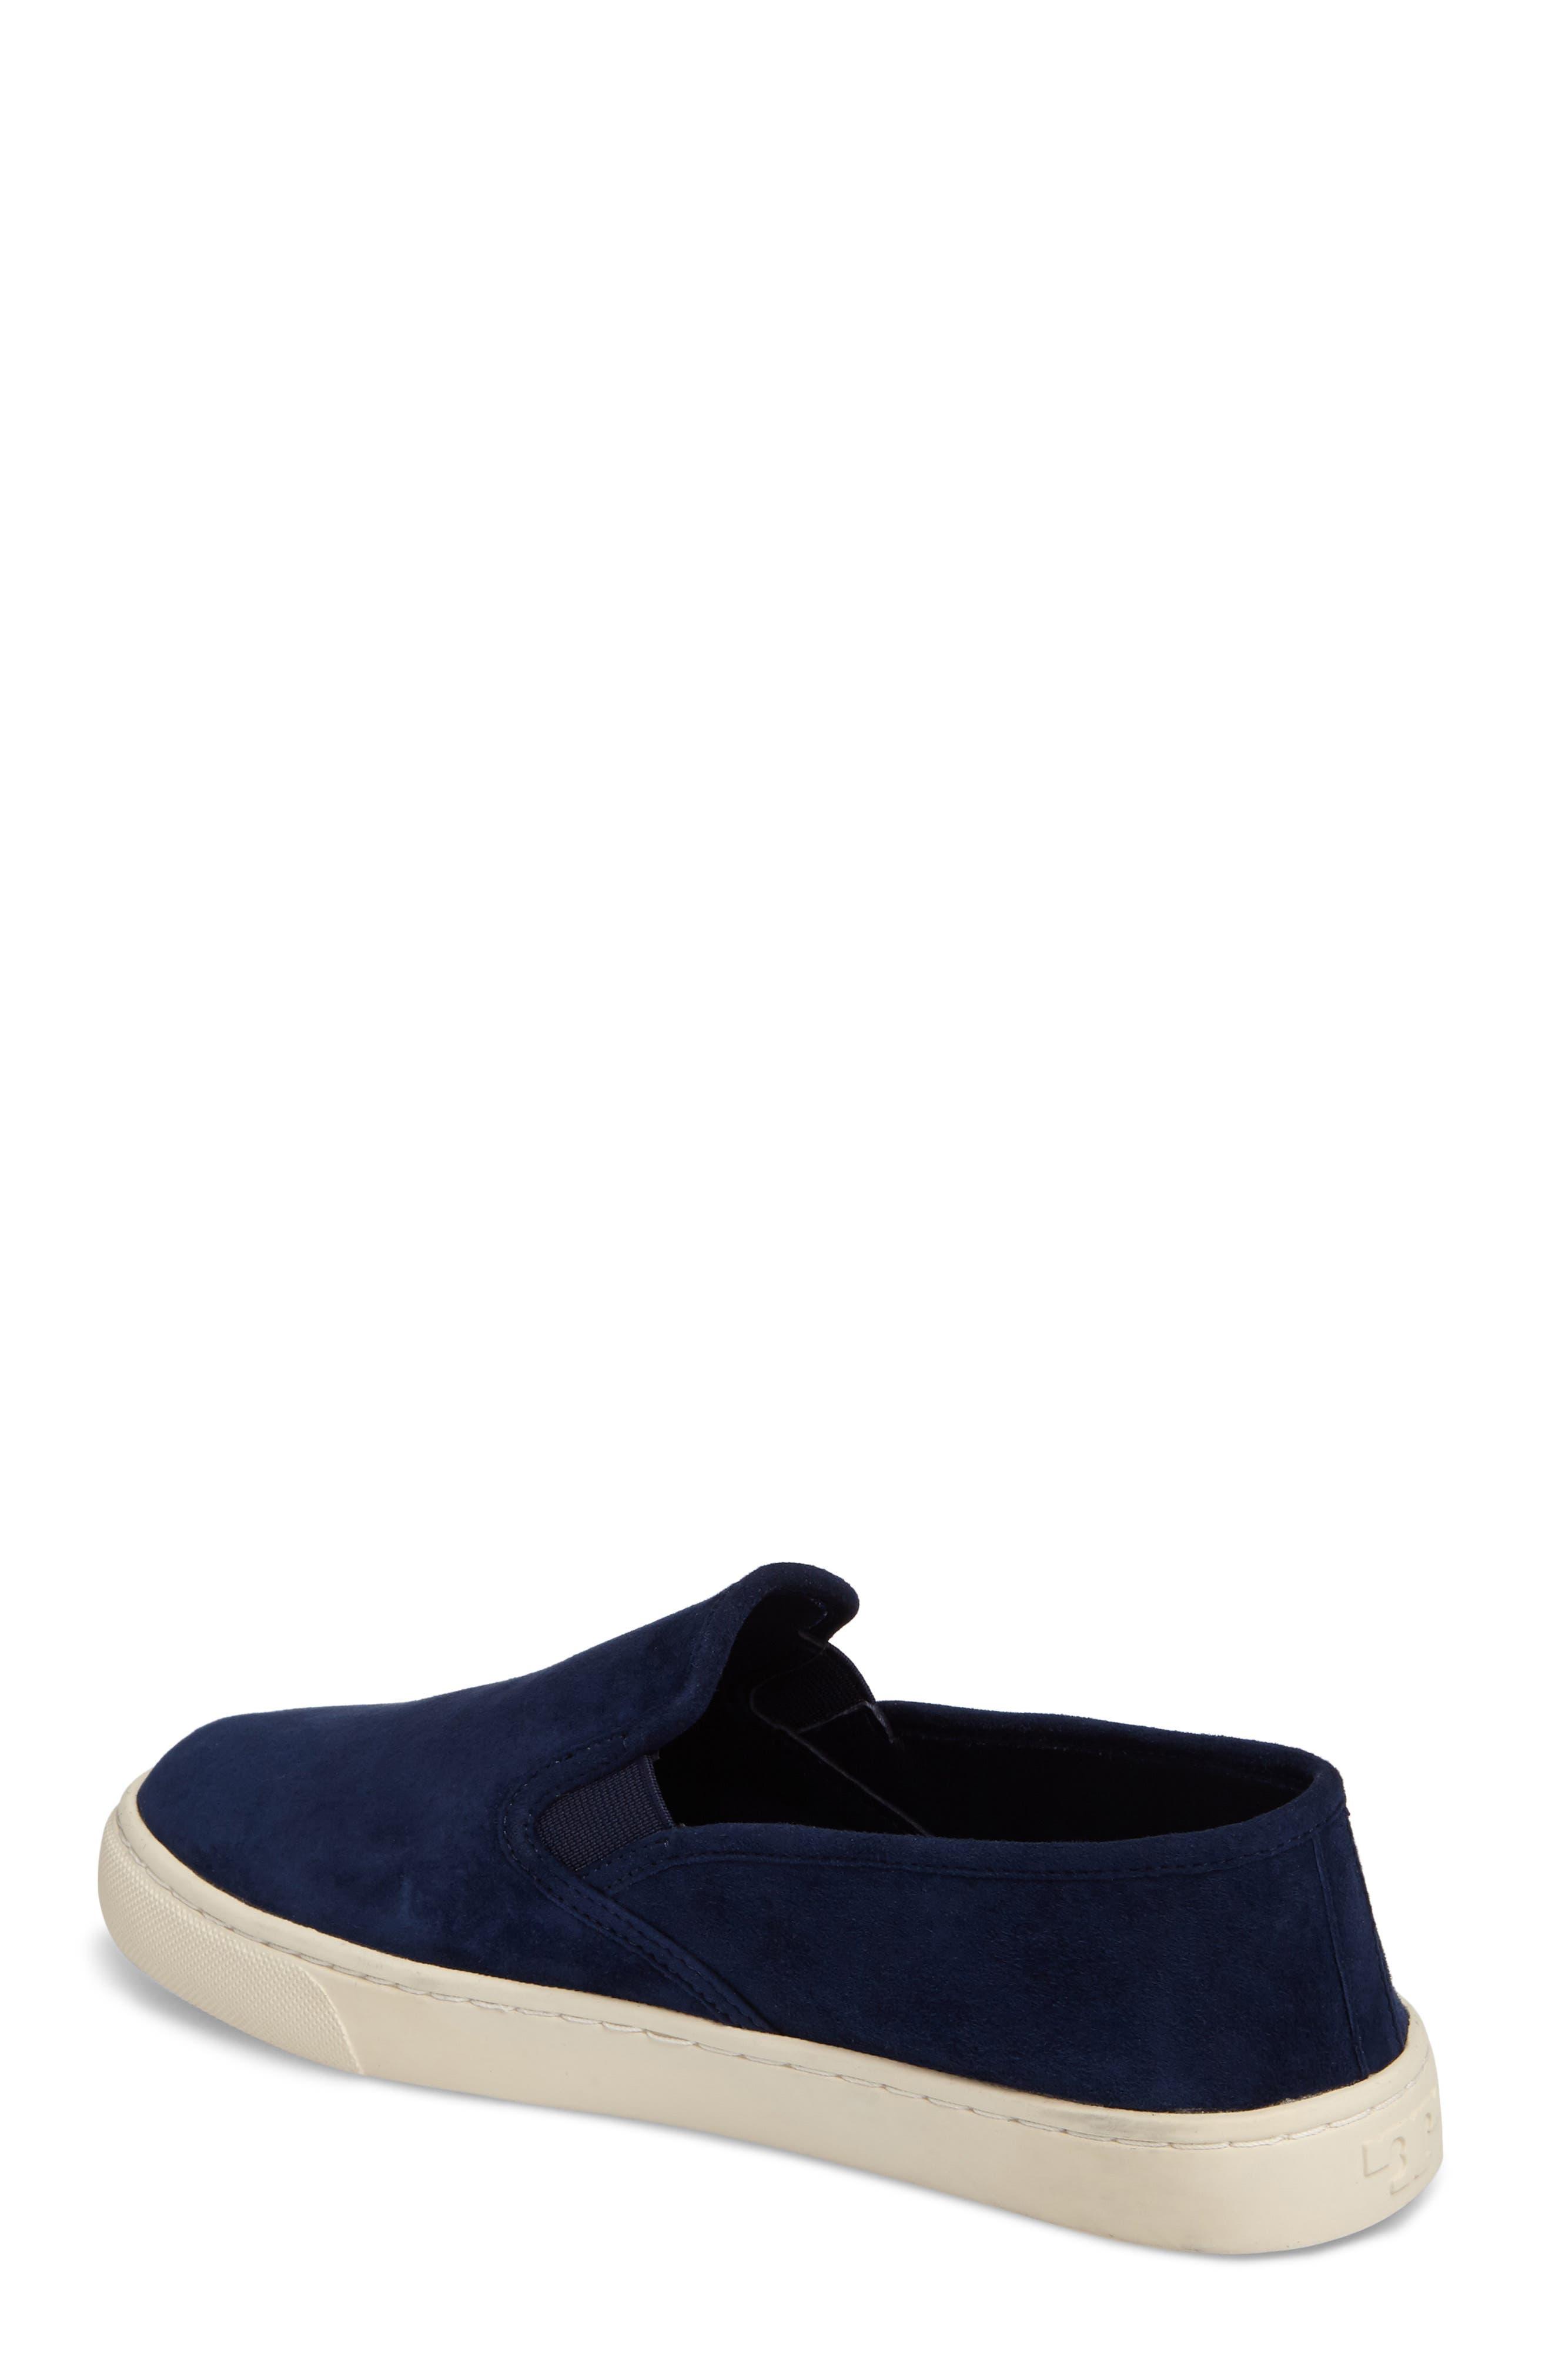 Max Slip-On Sneaker,                             Alternate thumbnail 10, color,